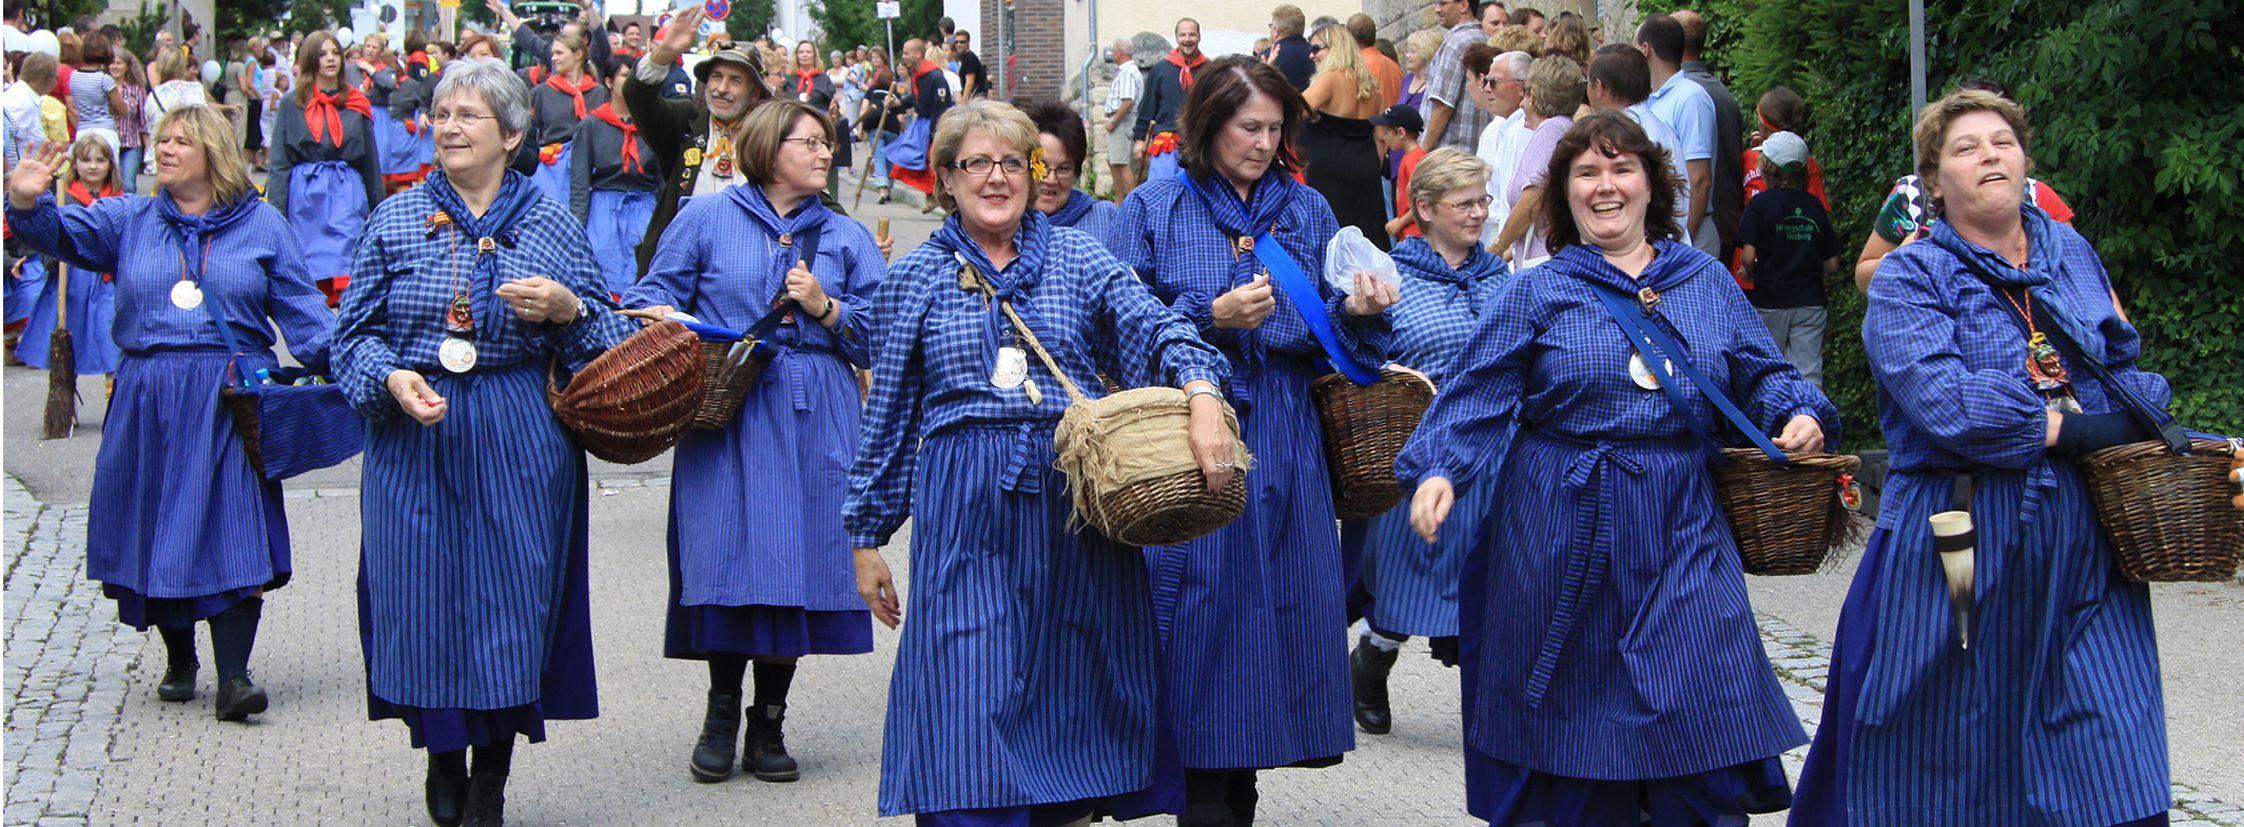 Eventfotografie blaue Frauen